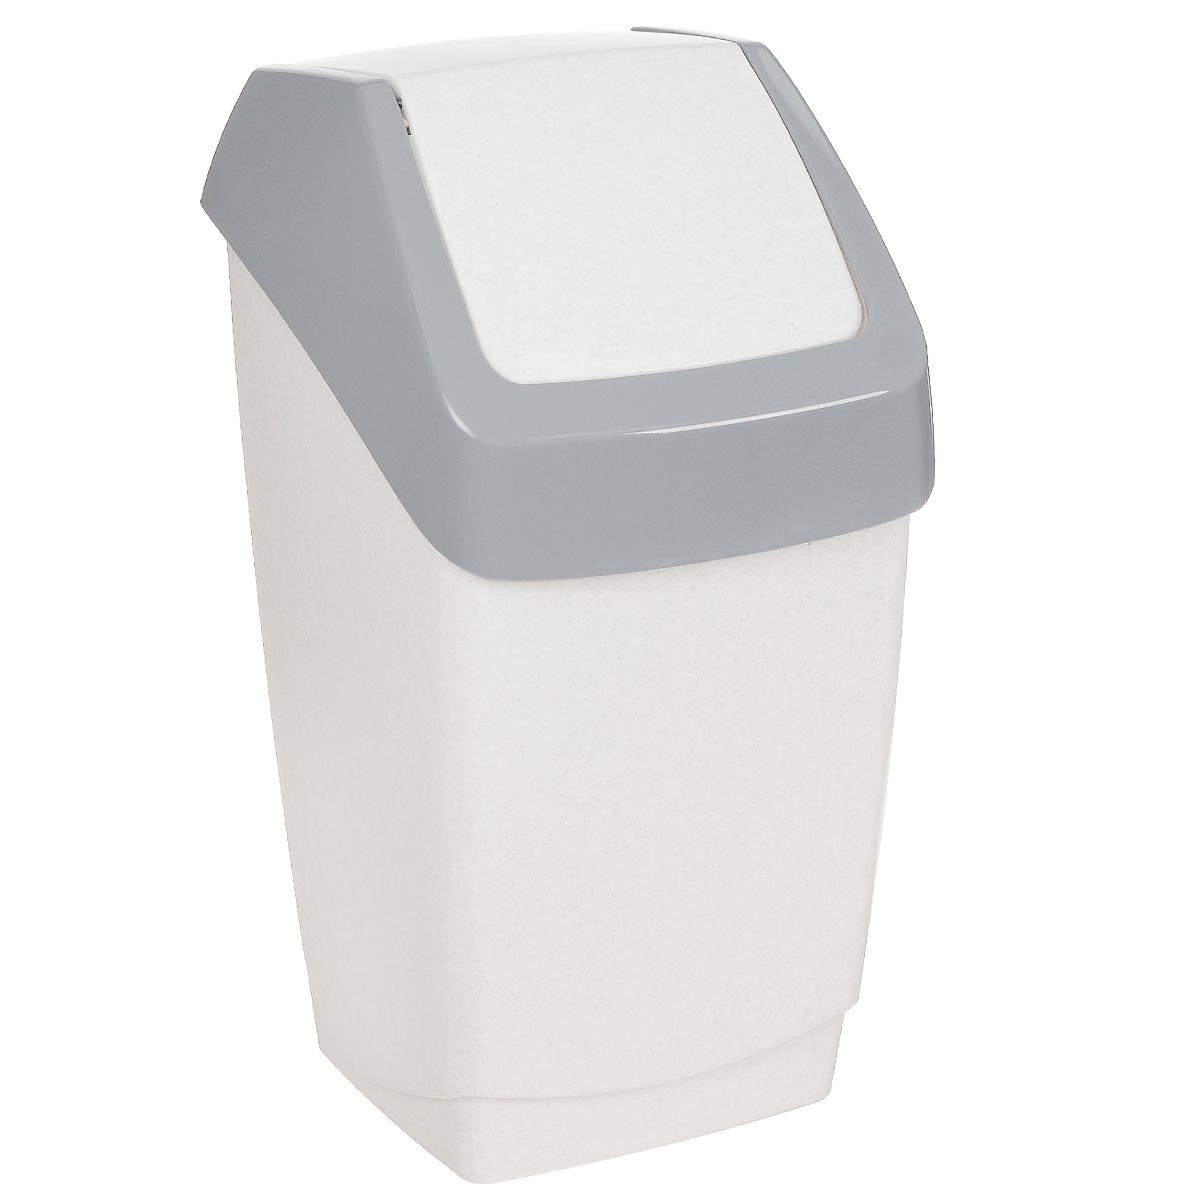 Контейнер для мусора Idea Хапс, цвет: белый мрамор, 15 лRG-D31SКонтейнер для мусора Idea Хапс изготовлен из прочного полипропилена (пластика). Контейнер снабжен удобной съемной крышкой с подвижной перегородкой. Благодаря лаконичному дизайну такой контейнер идеально впишется в интерьер и дома, и офиса.